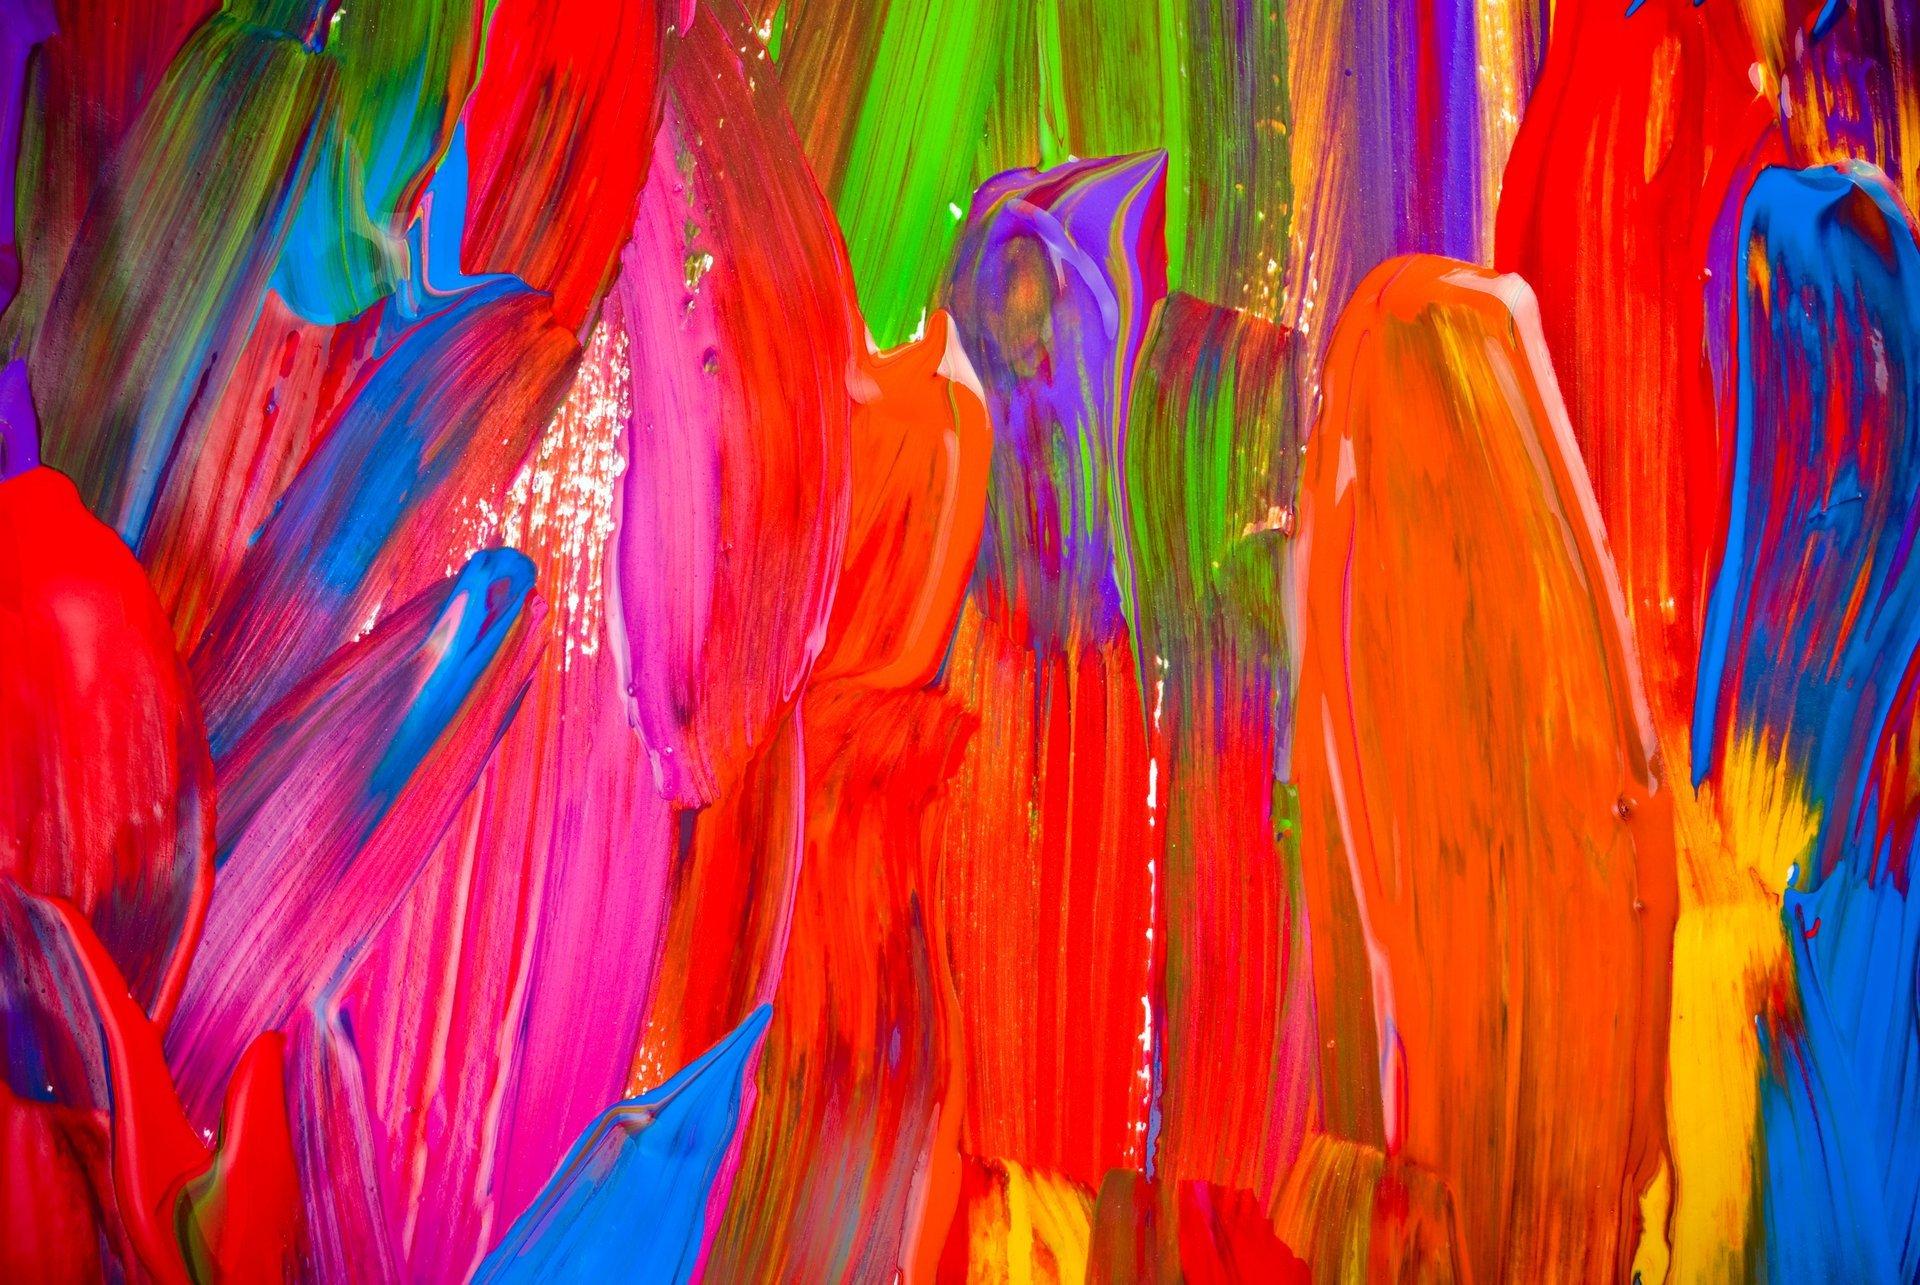 Пальцы краска  № 685870 бесплатно